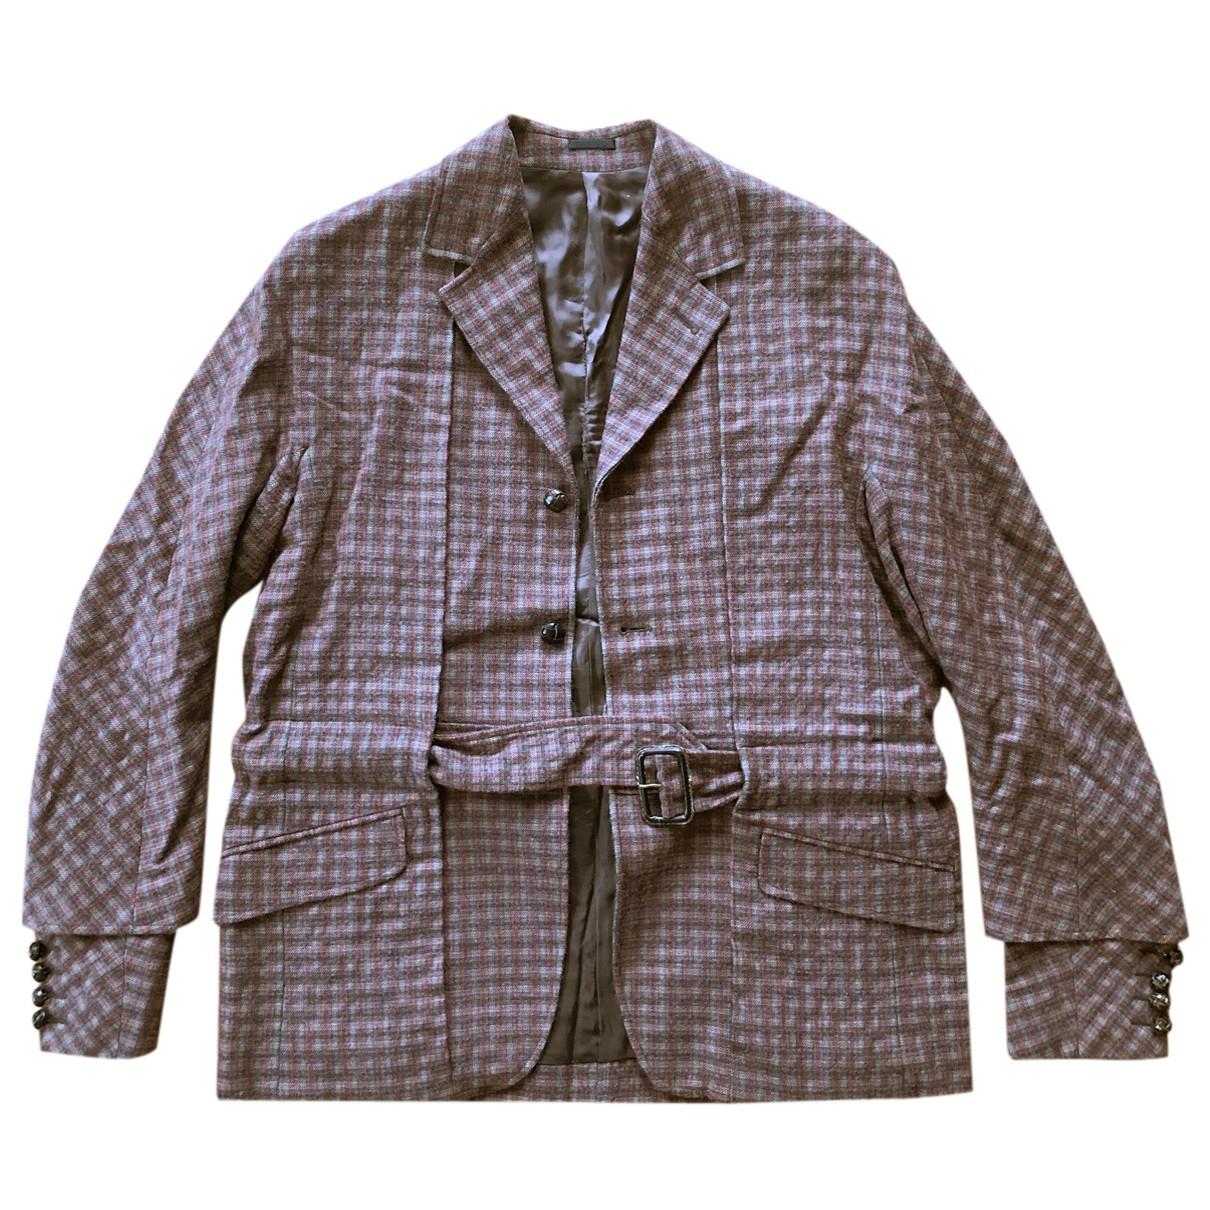 Alexander Mcqueen - Vestes.Blousons   pour homme en laine - multicolore